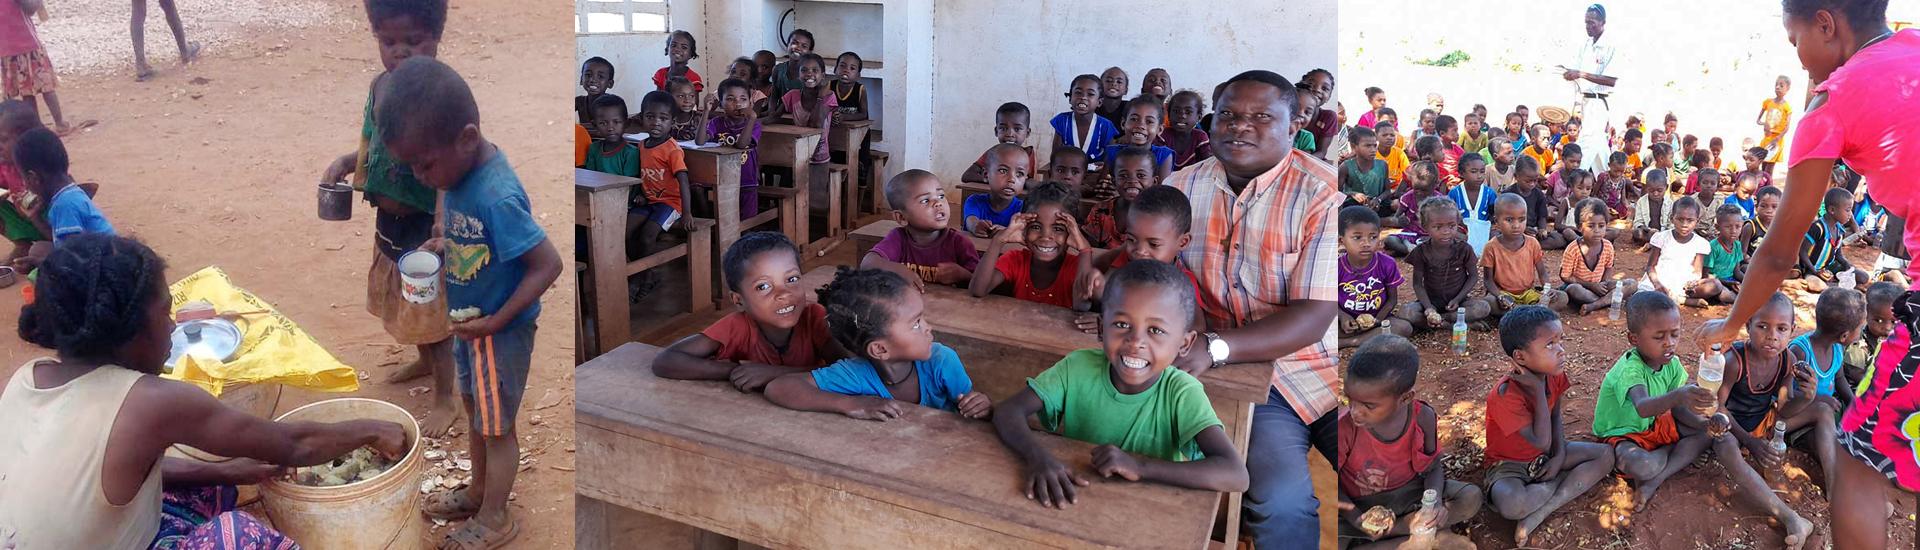 Andafitrazo y Matsà, la vida en medio de las dificultades por la pandemia y la sequía de dos pueblos malgaches